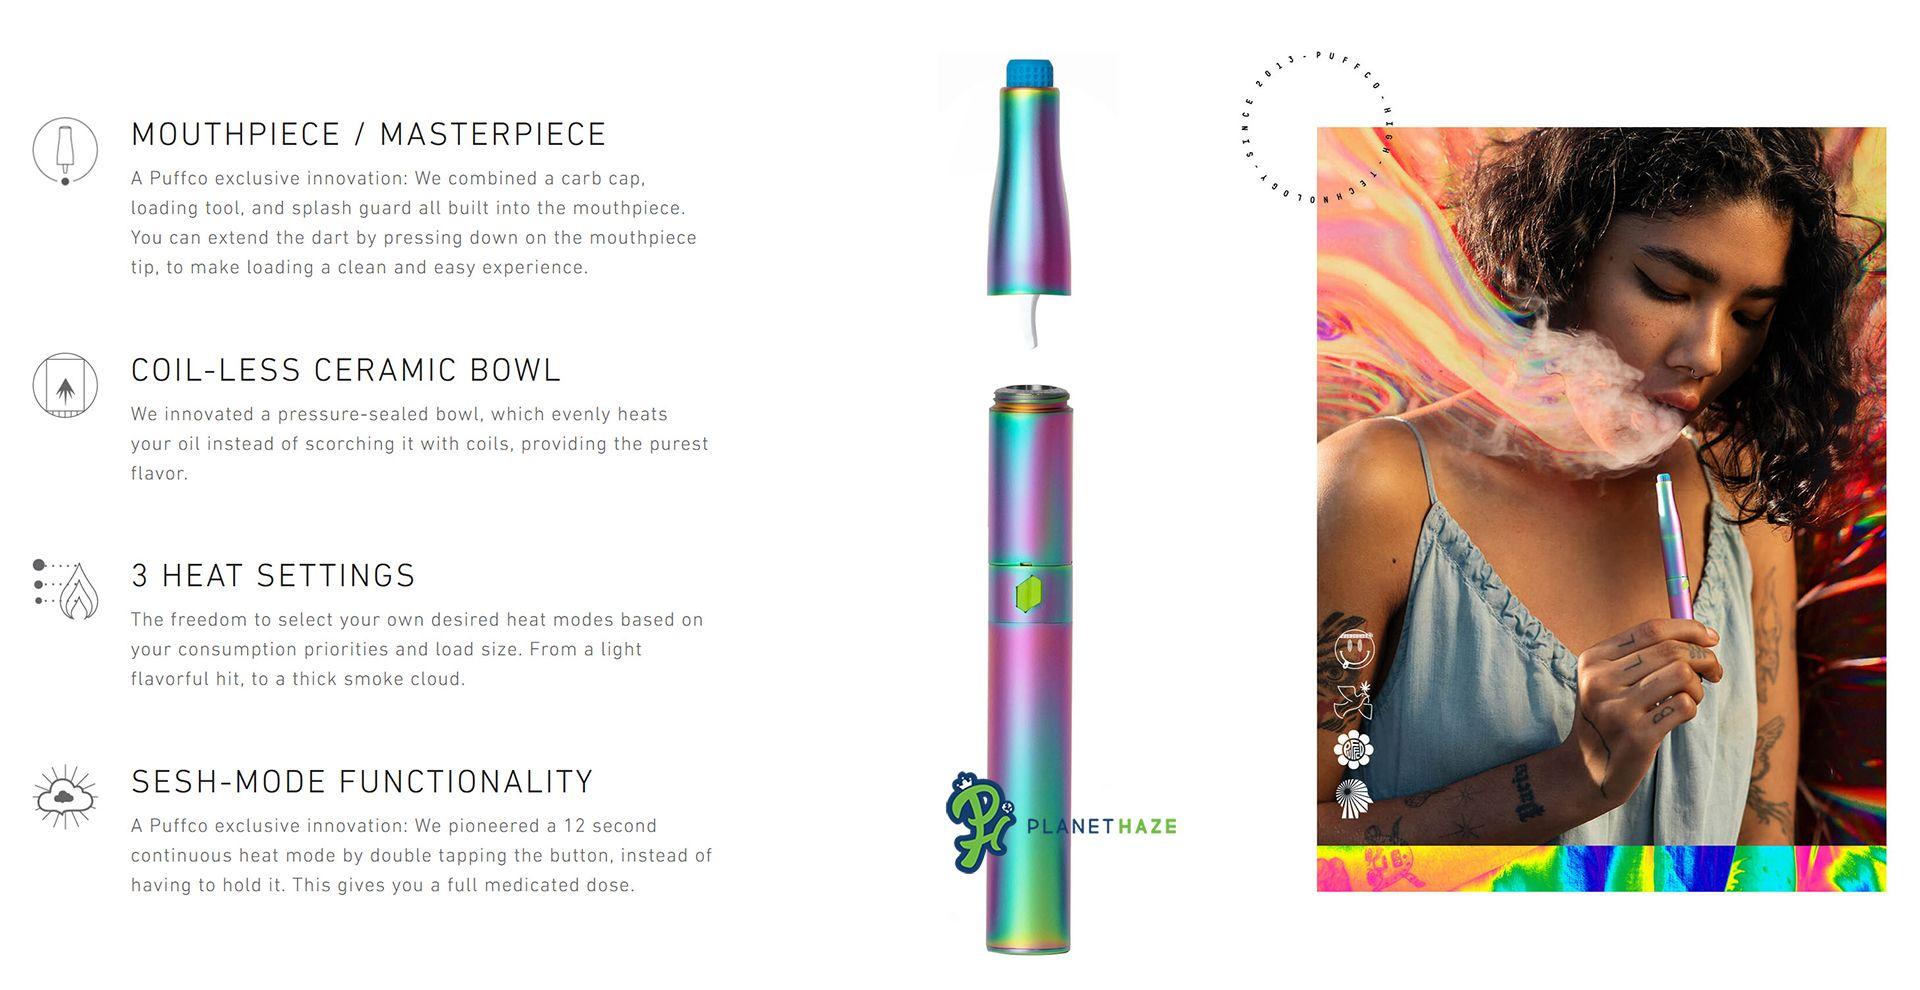 Puffco Vision Plus Design